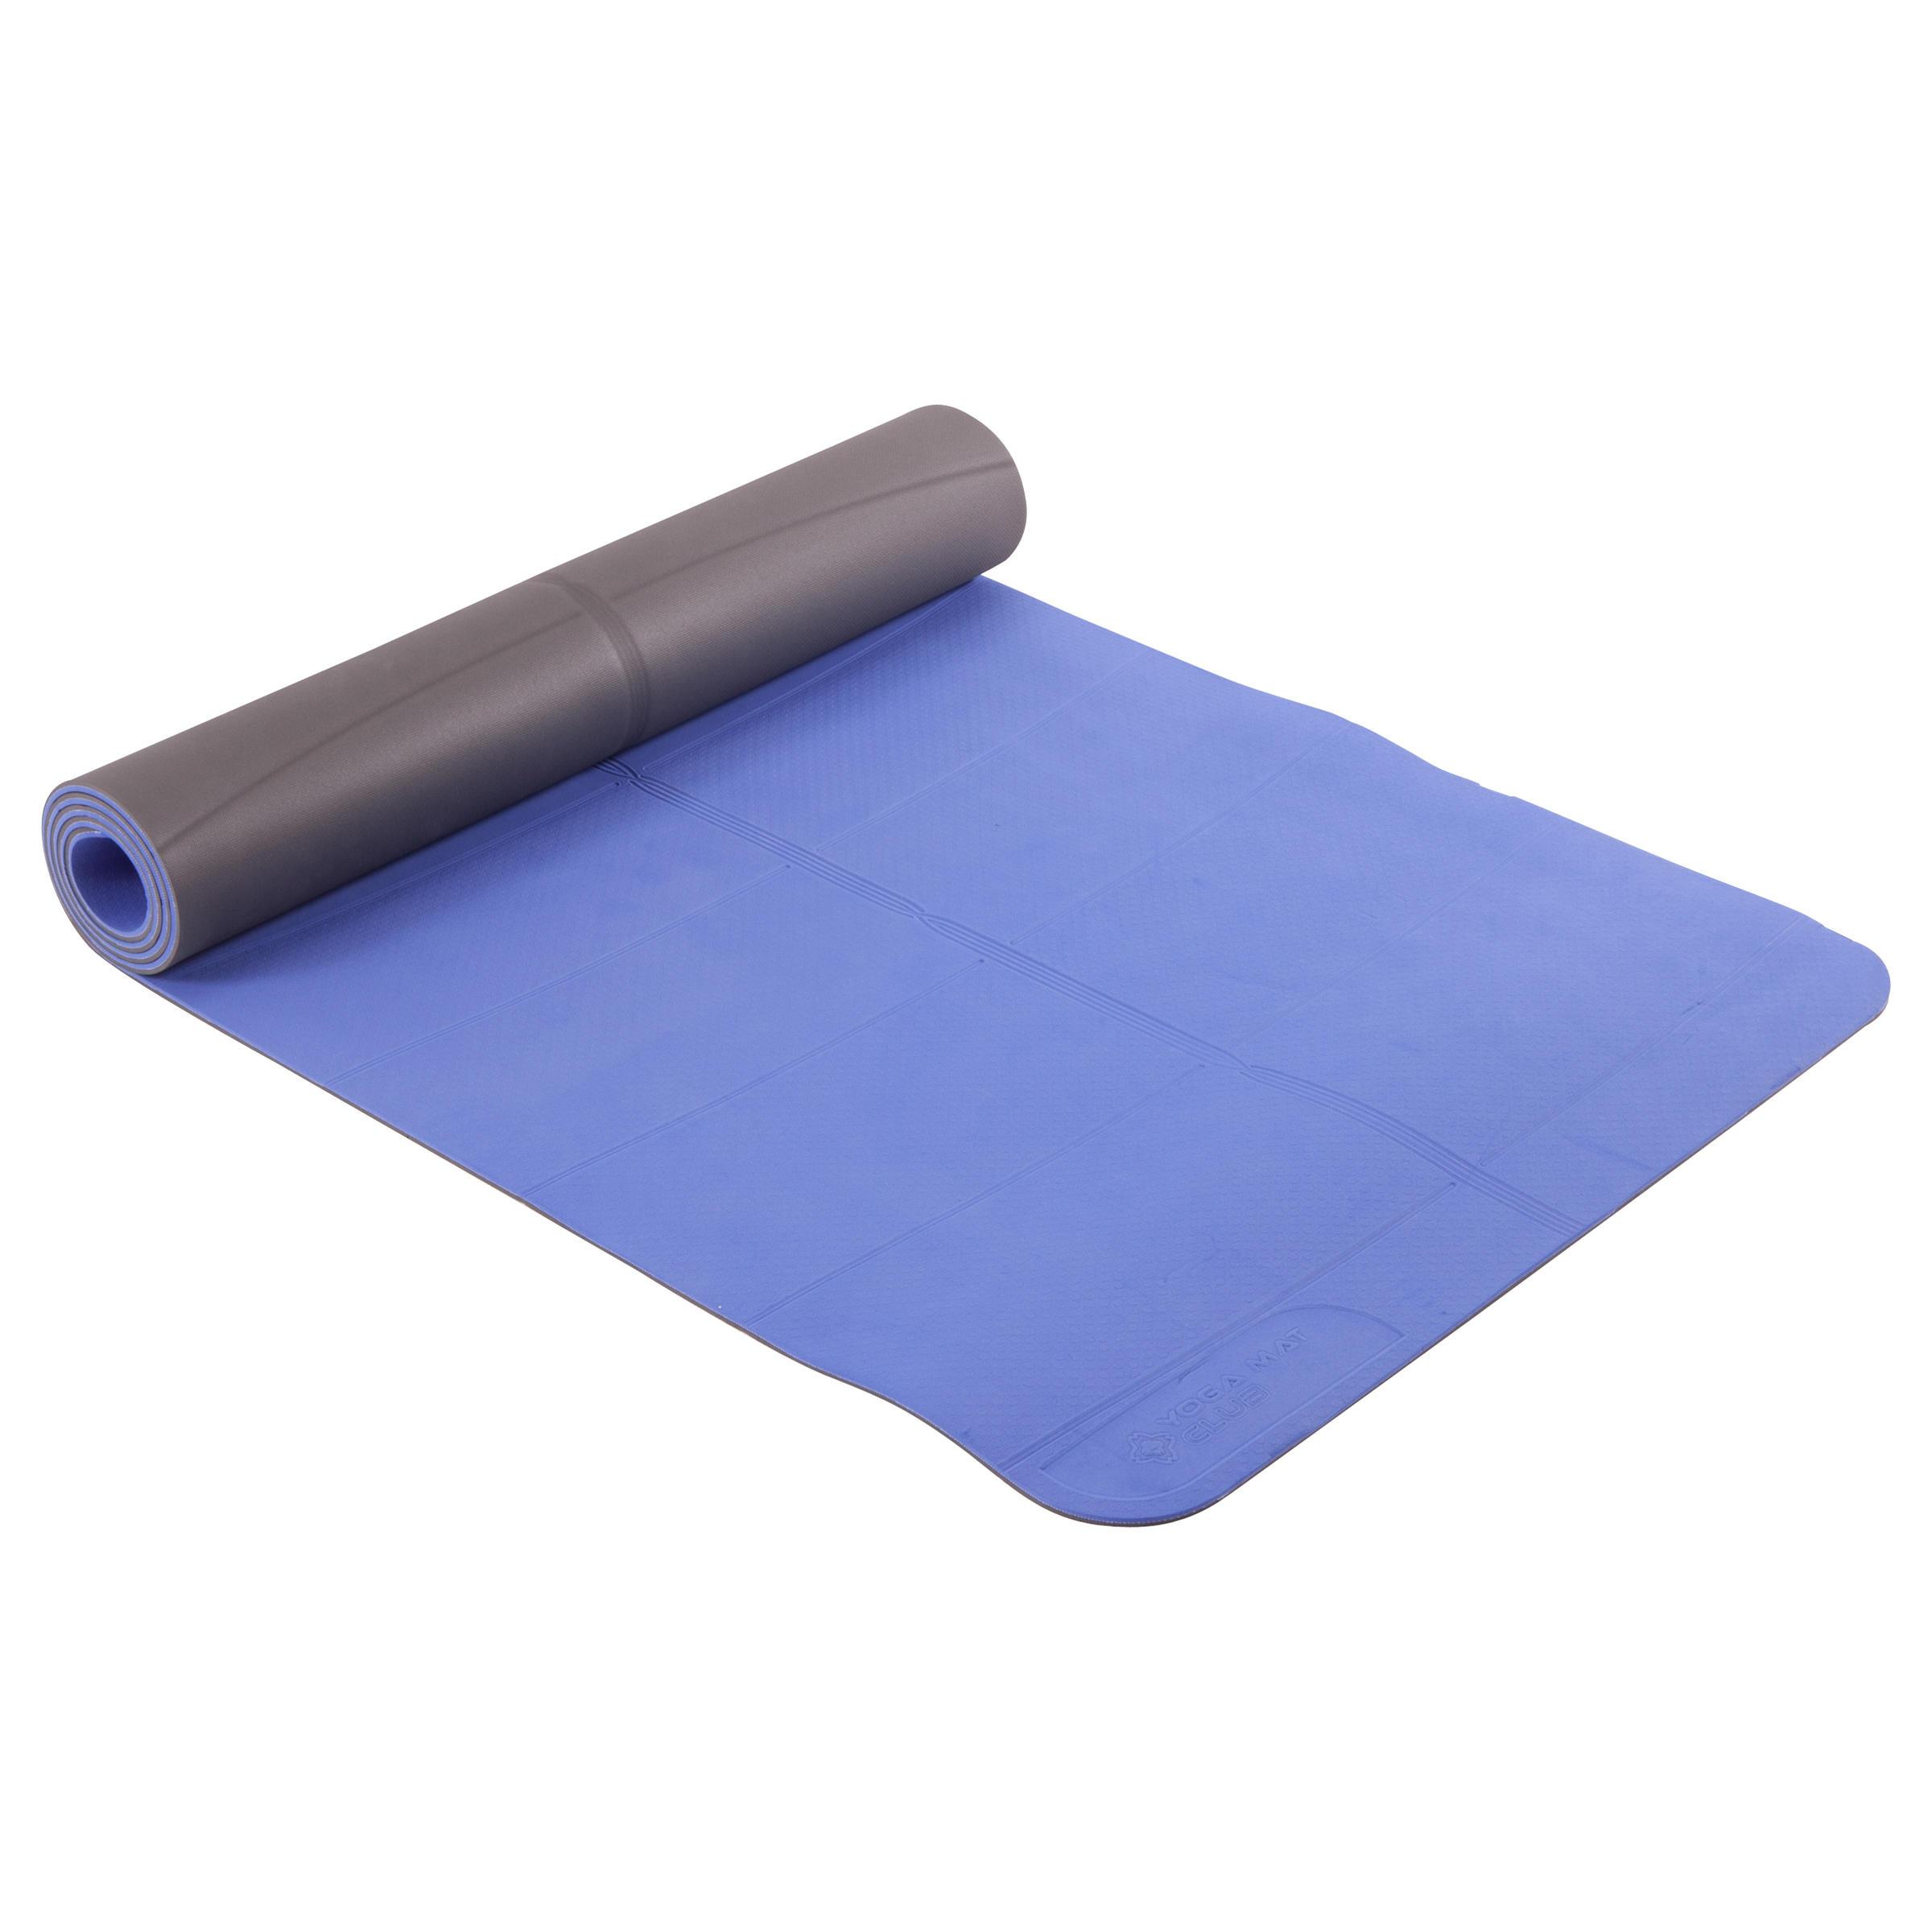 Yogamatte weich TPE 5 mm blau   03608419442441